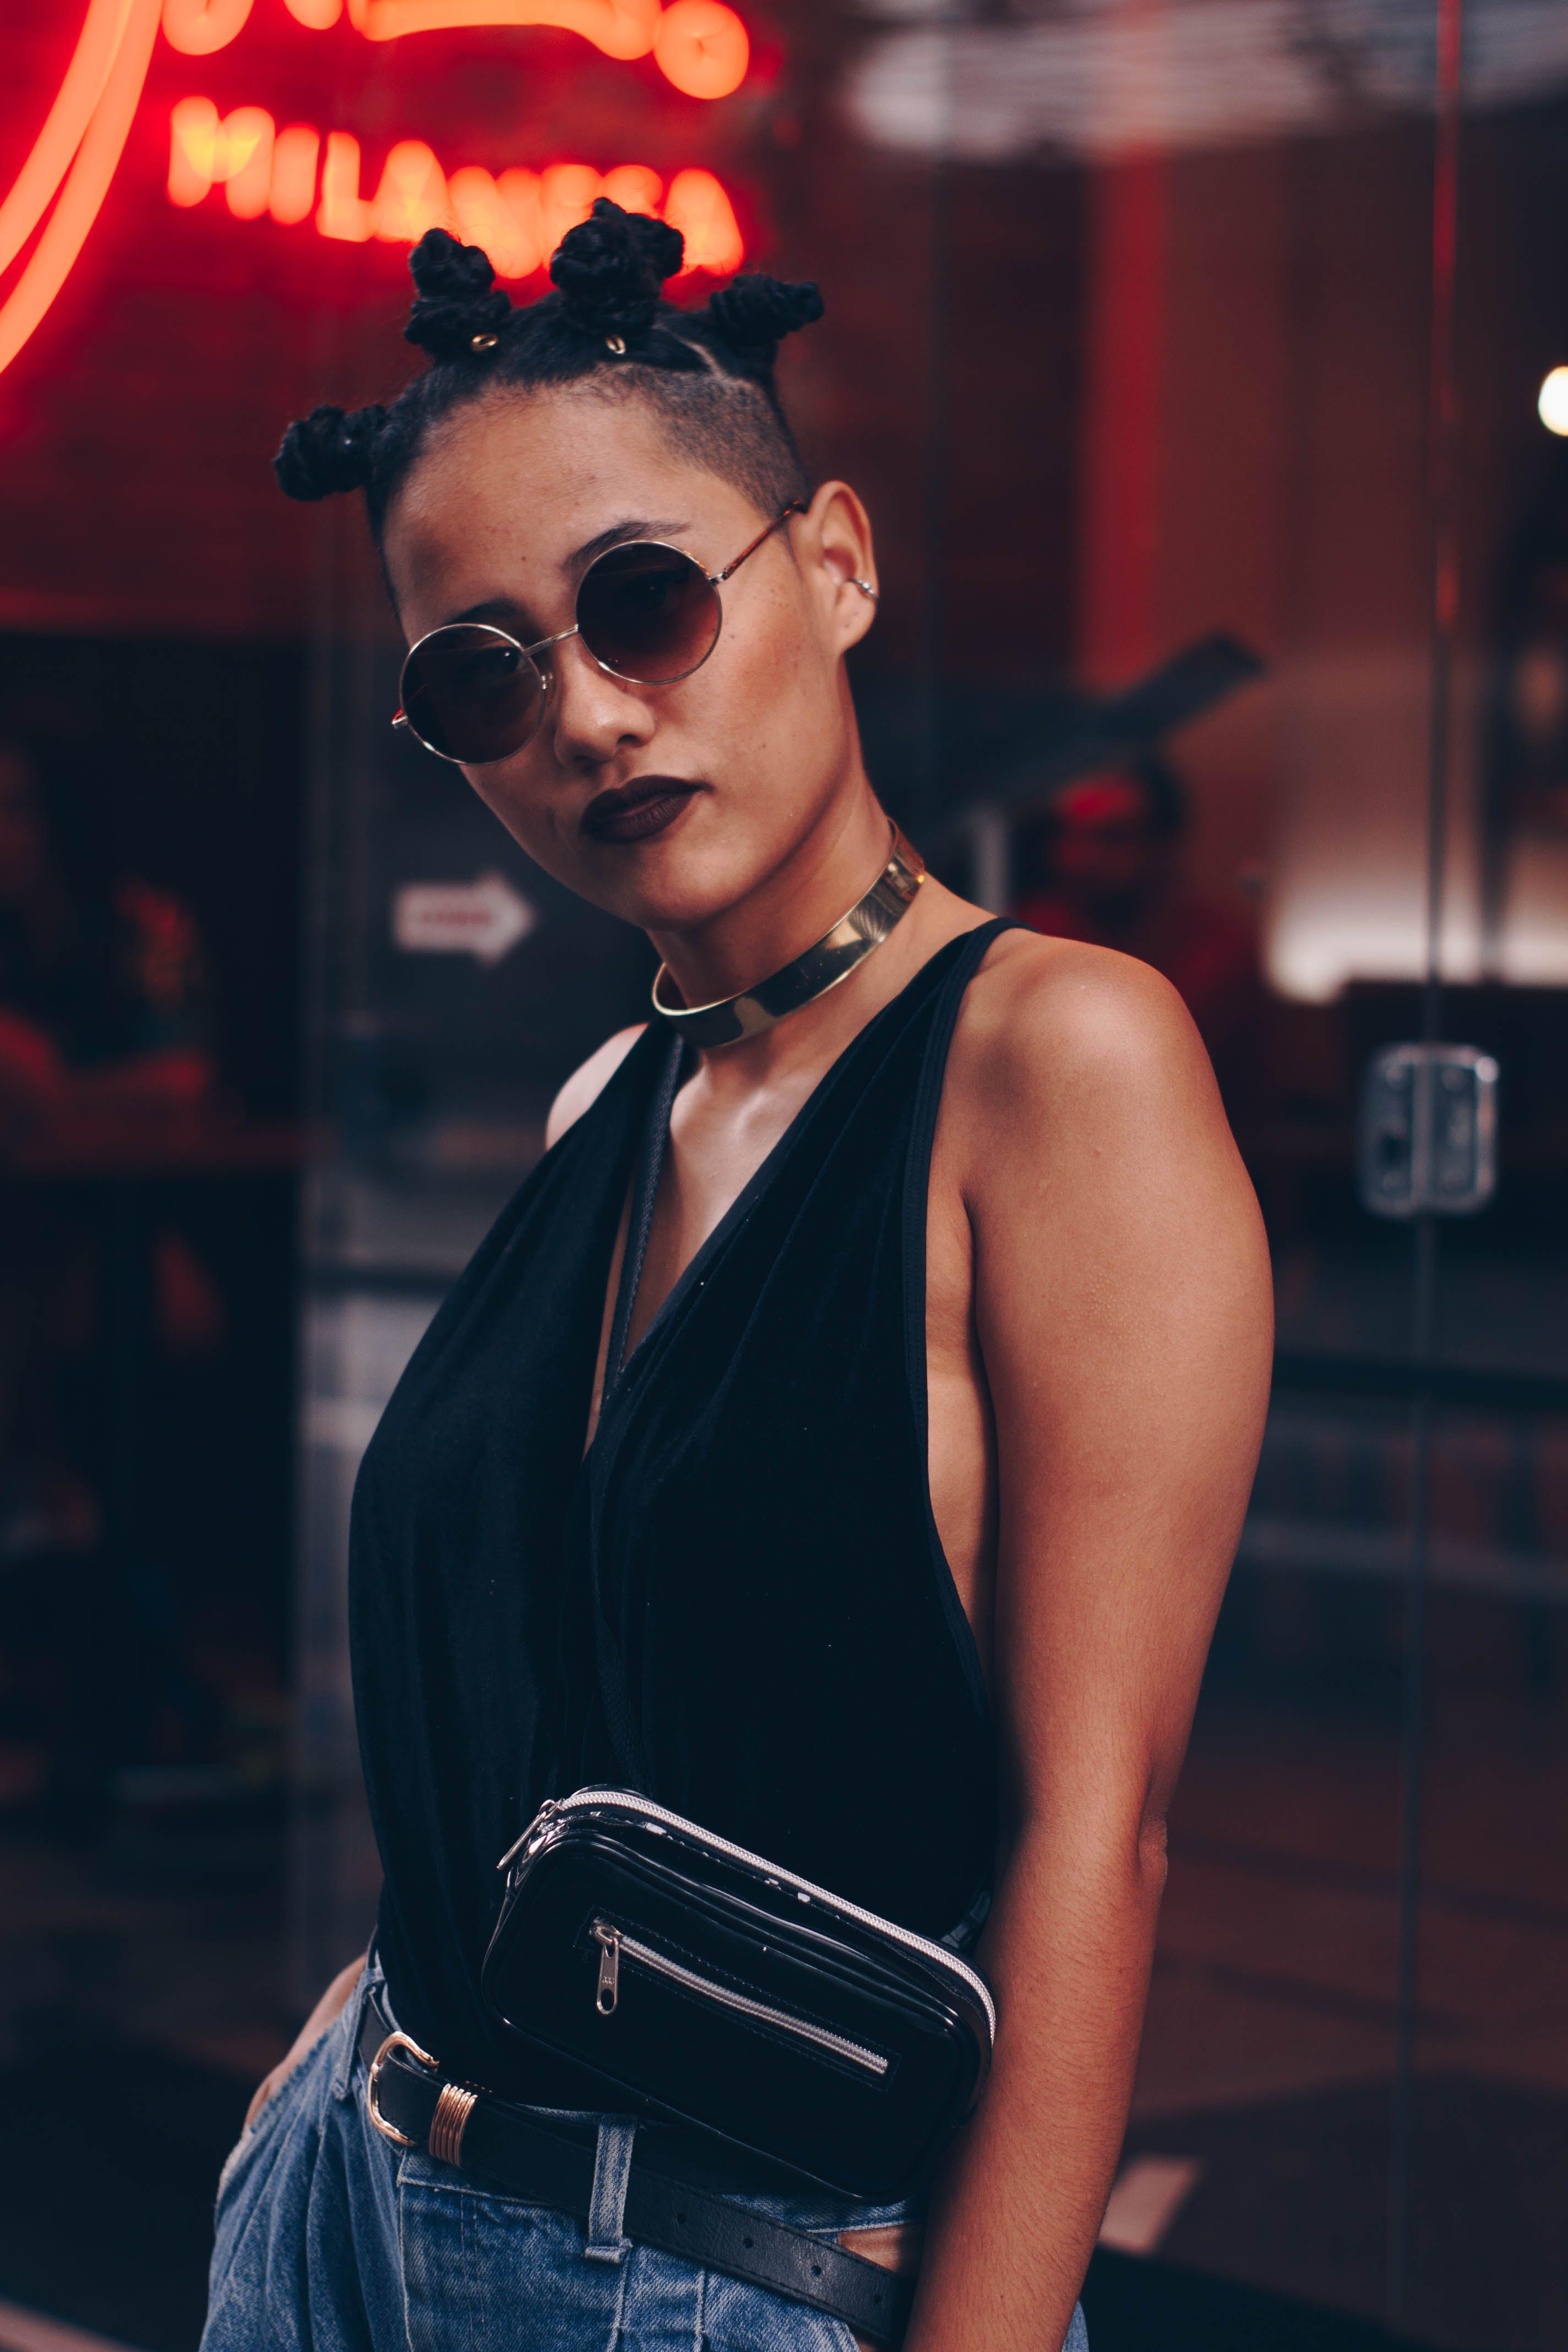 매력적인, 모델, 선글라스, 스타일의 무료 스톡 사진